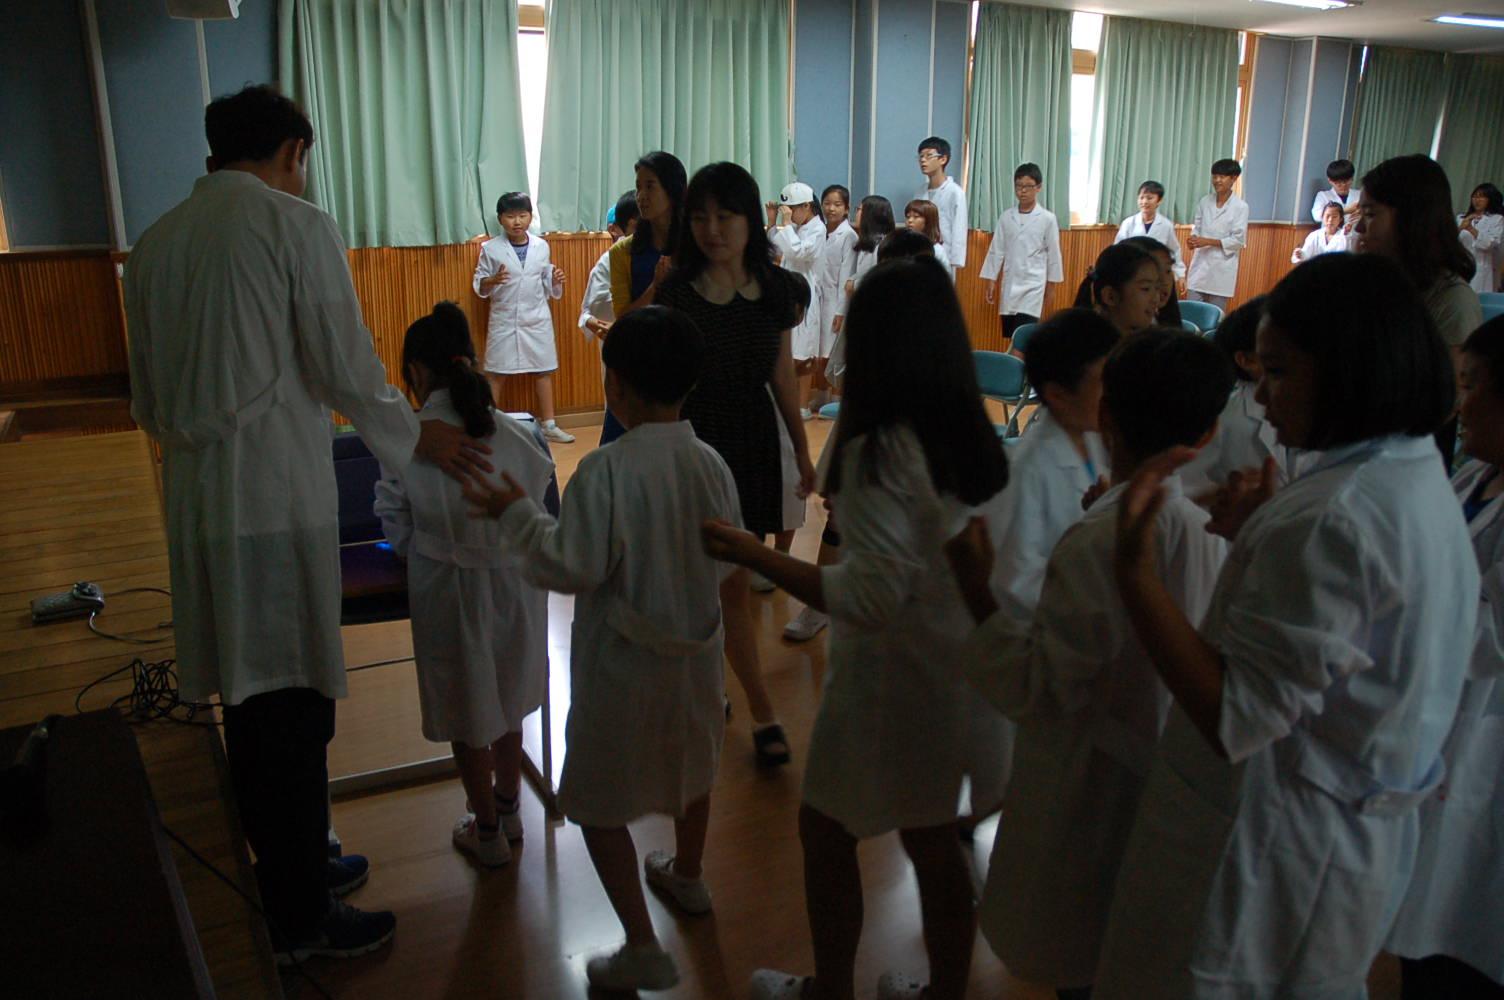 [일반] 과학적 접근을 통한 보건 위생교육의 첨부이미지 4